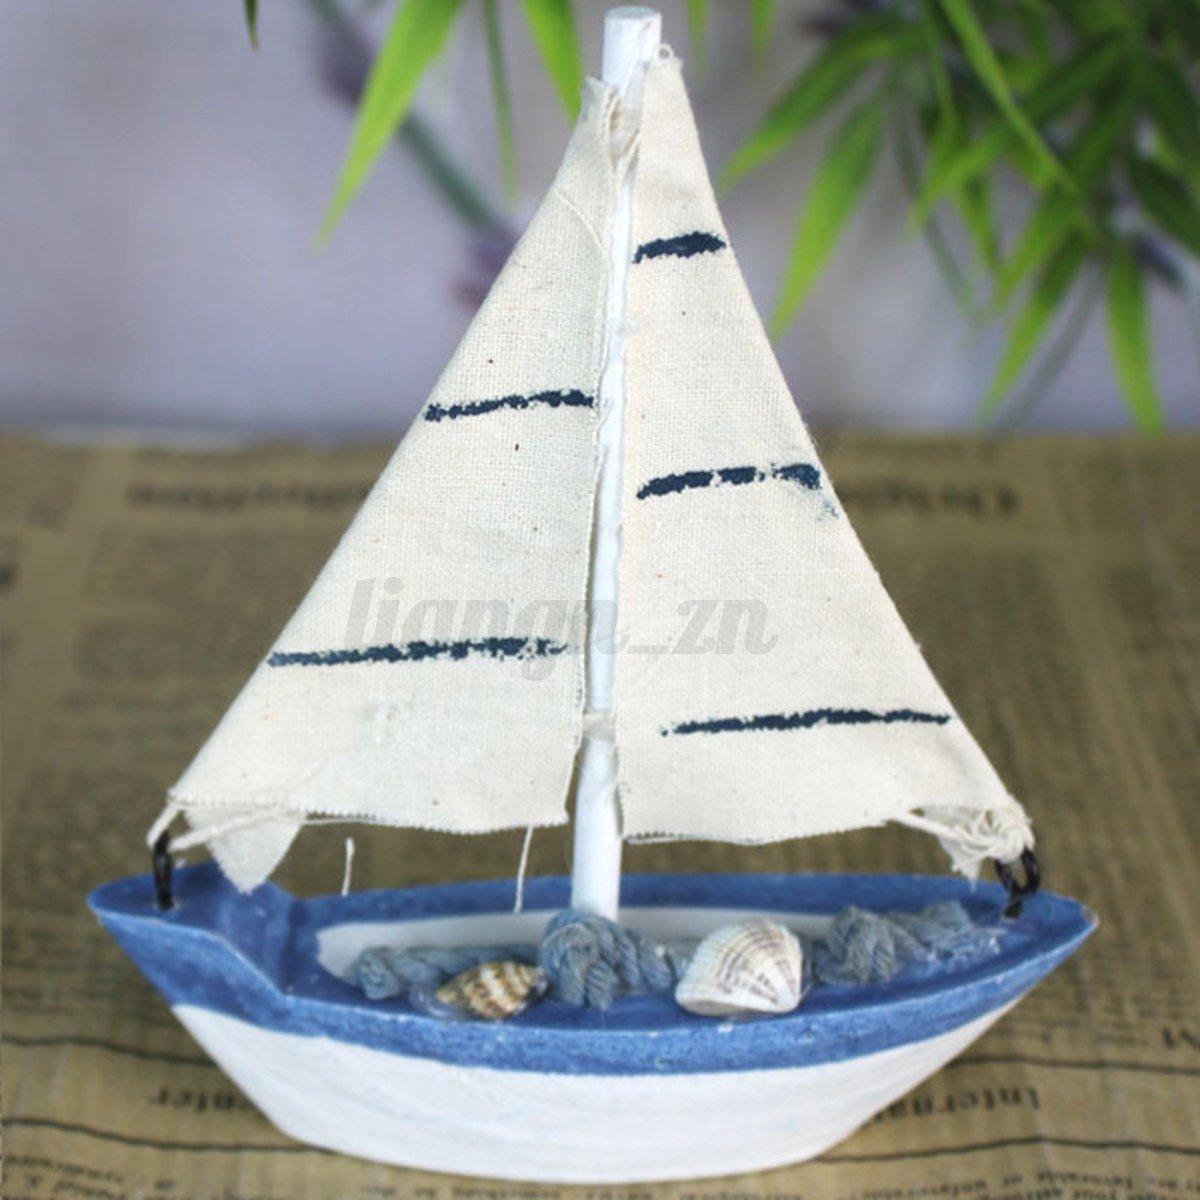 m diterran e nautique maquette de voilier navire bateau voile bois d coration ebay. Black Bedroom Furniture Sets. Home Design Ideas